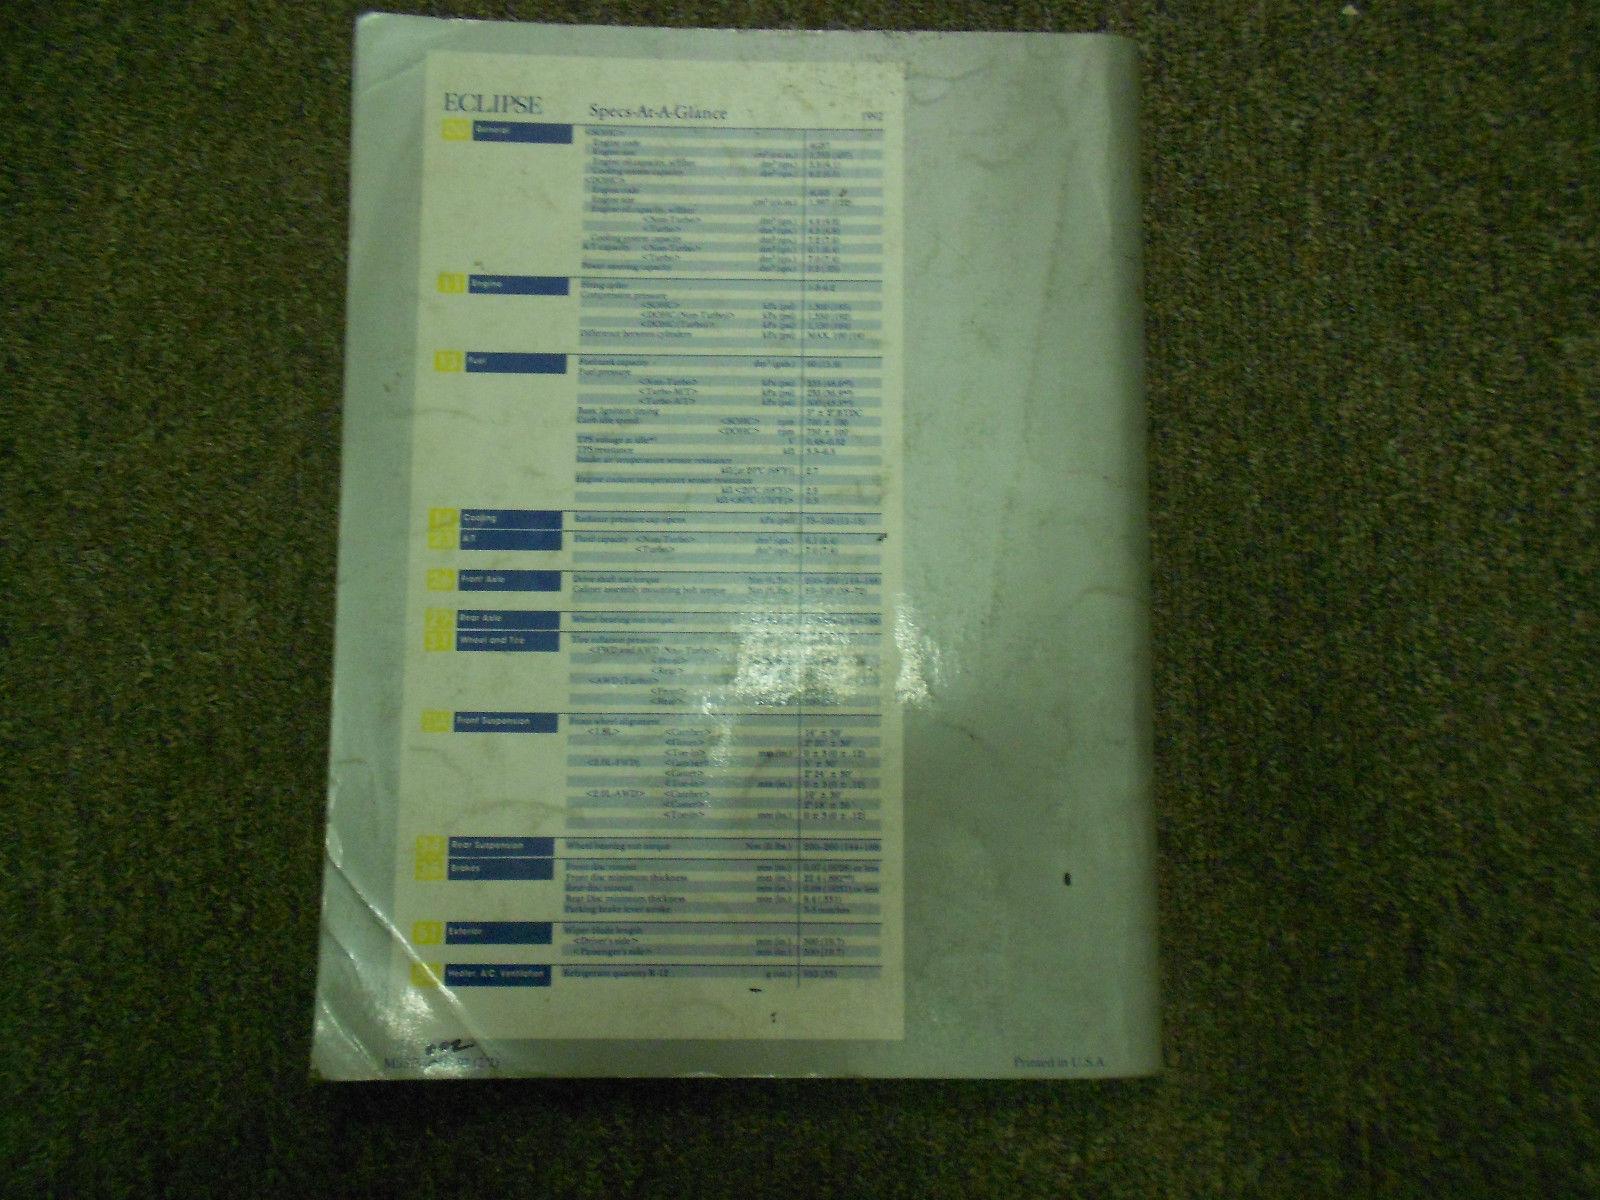 1992 MITSUBISHI Eclipse Service Repair Shop Manual VOL 2 Electrical OEM BOOK 92